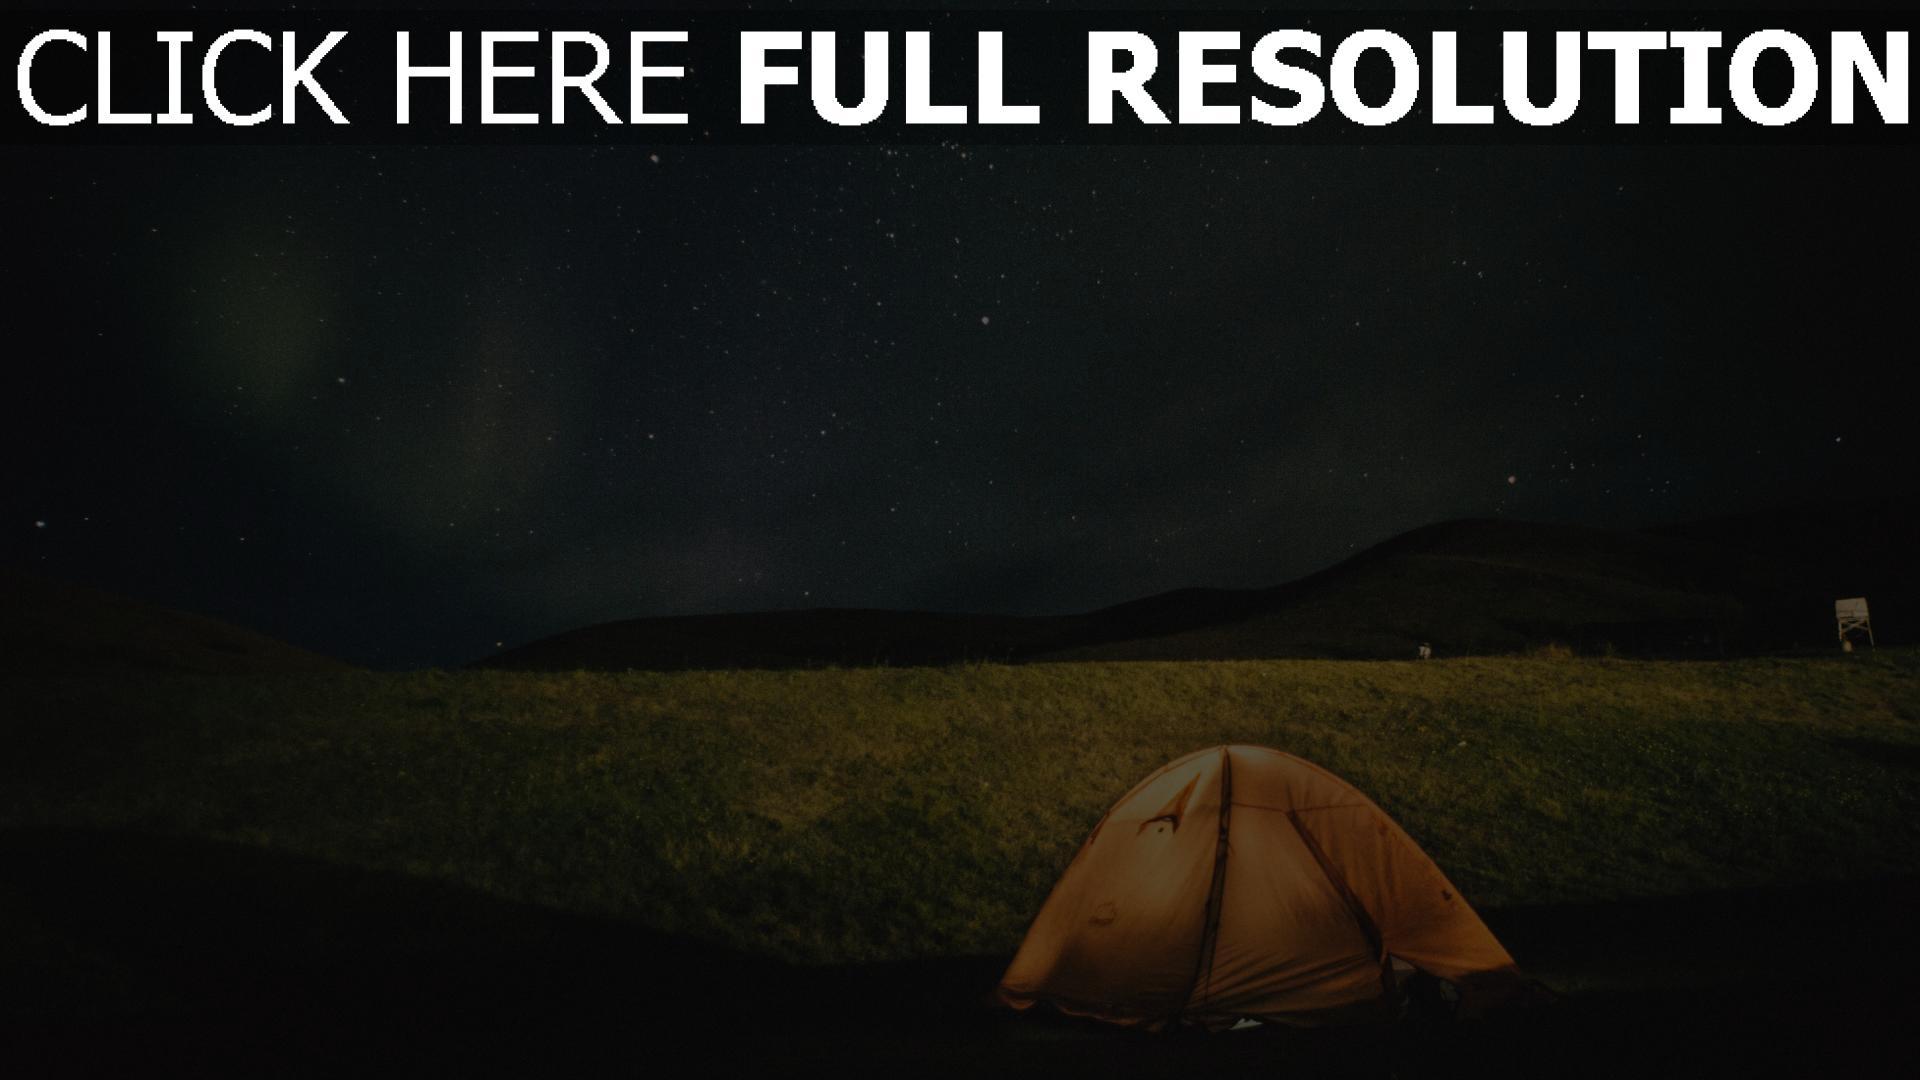 hd hintergrundbilder nacht sternenhimmel zelt 1920x1080